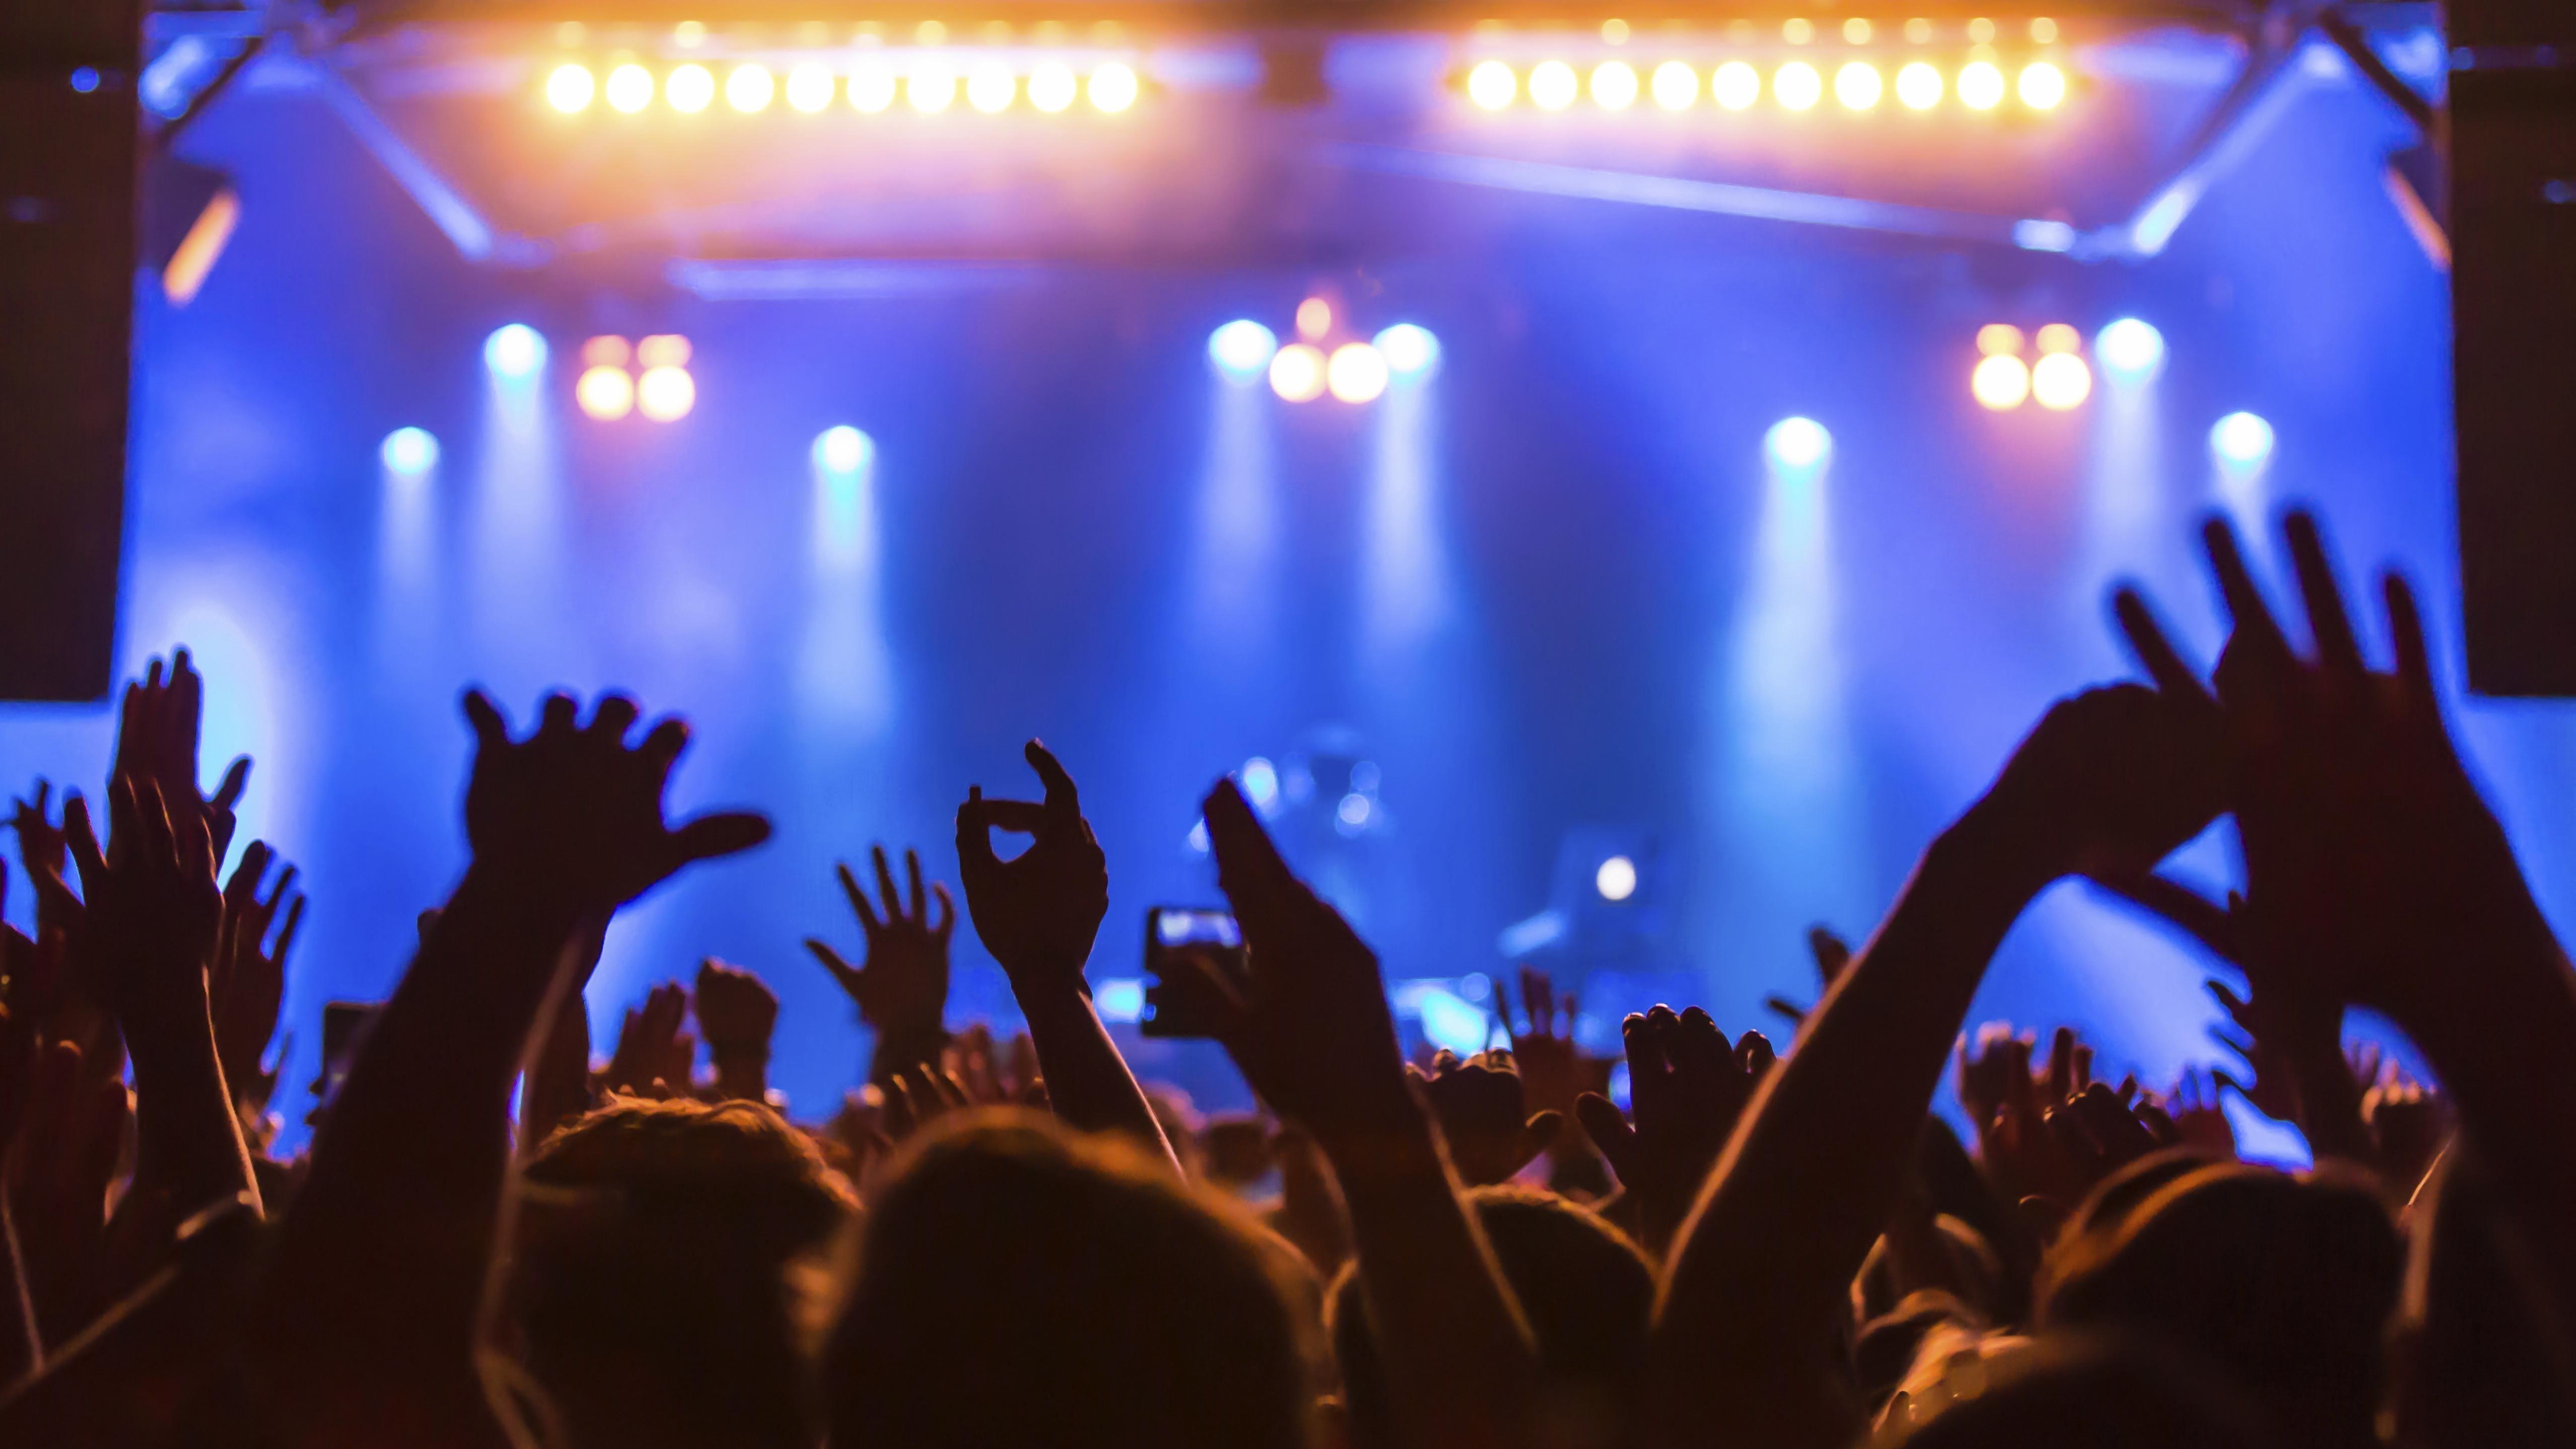 Besucher eines Konzertes halten Hände in die Luft.